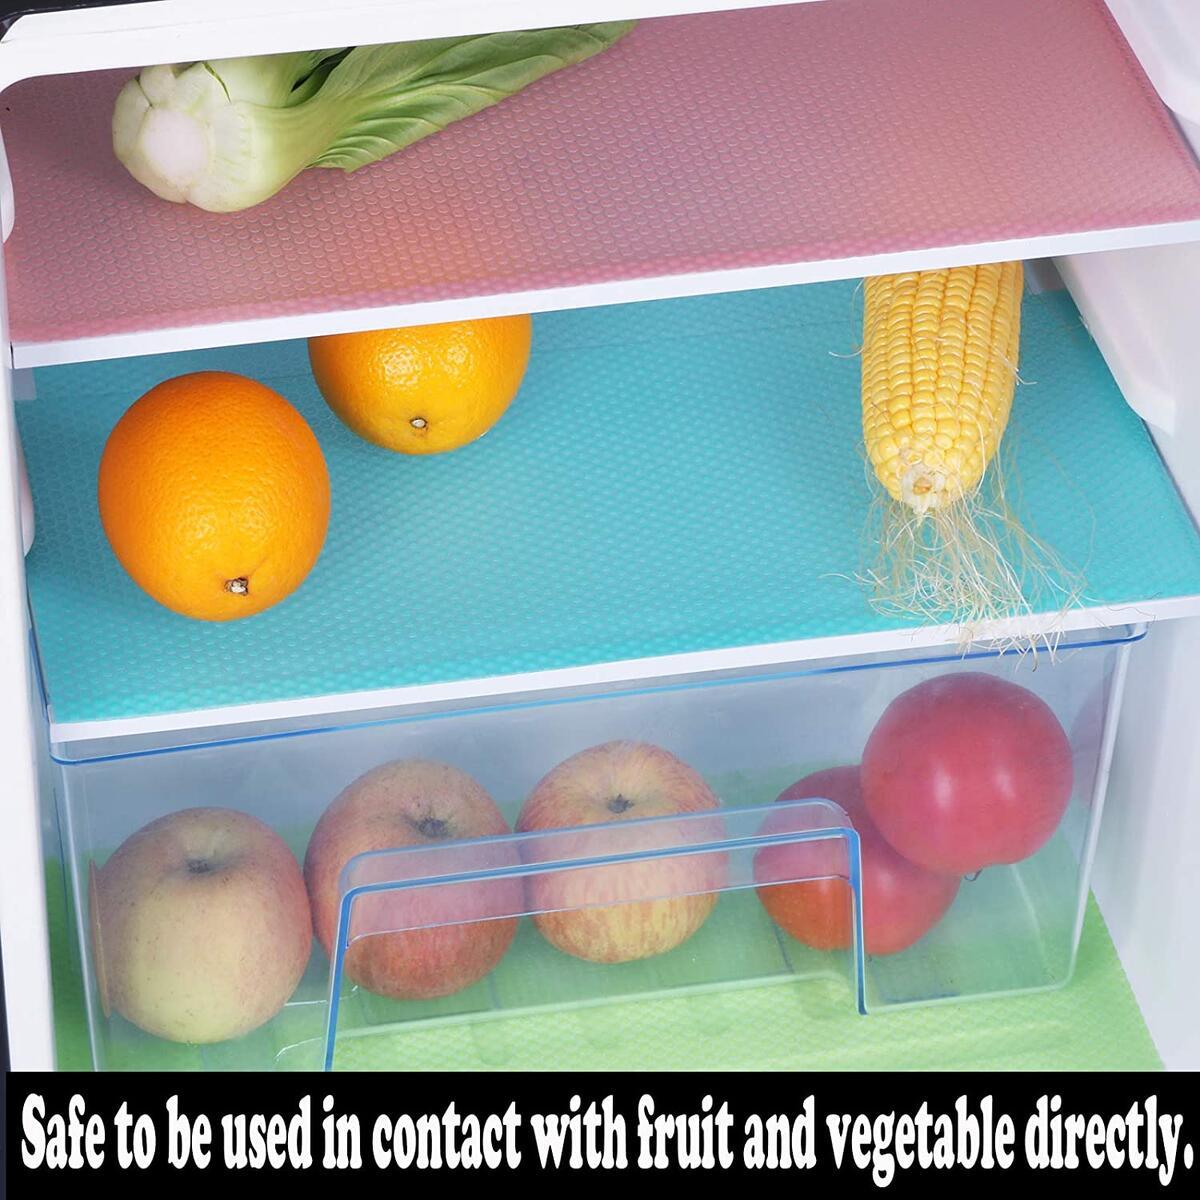 Janeart Refrigerator Mat 9 Pcs, EVA Refrigerator Liner Durable Washable Fridges Liner for Fruit and Vegetable Drawers,17.7